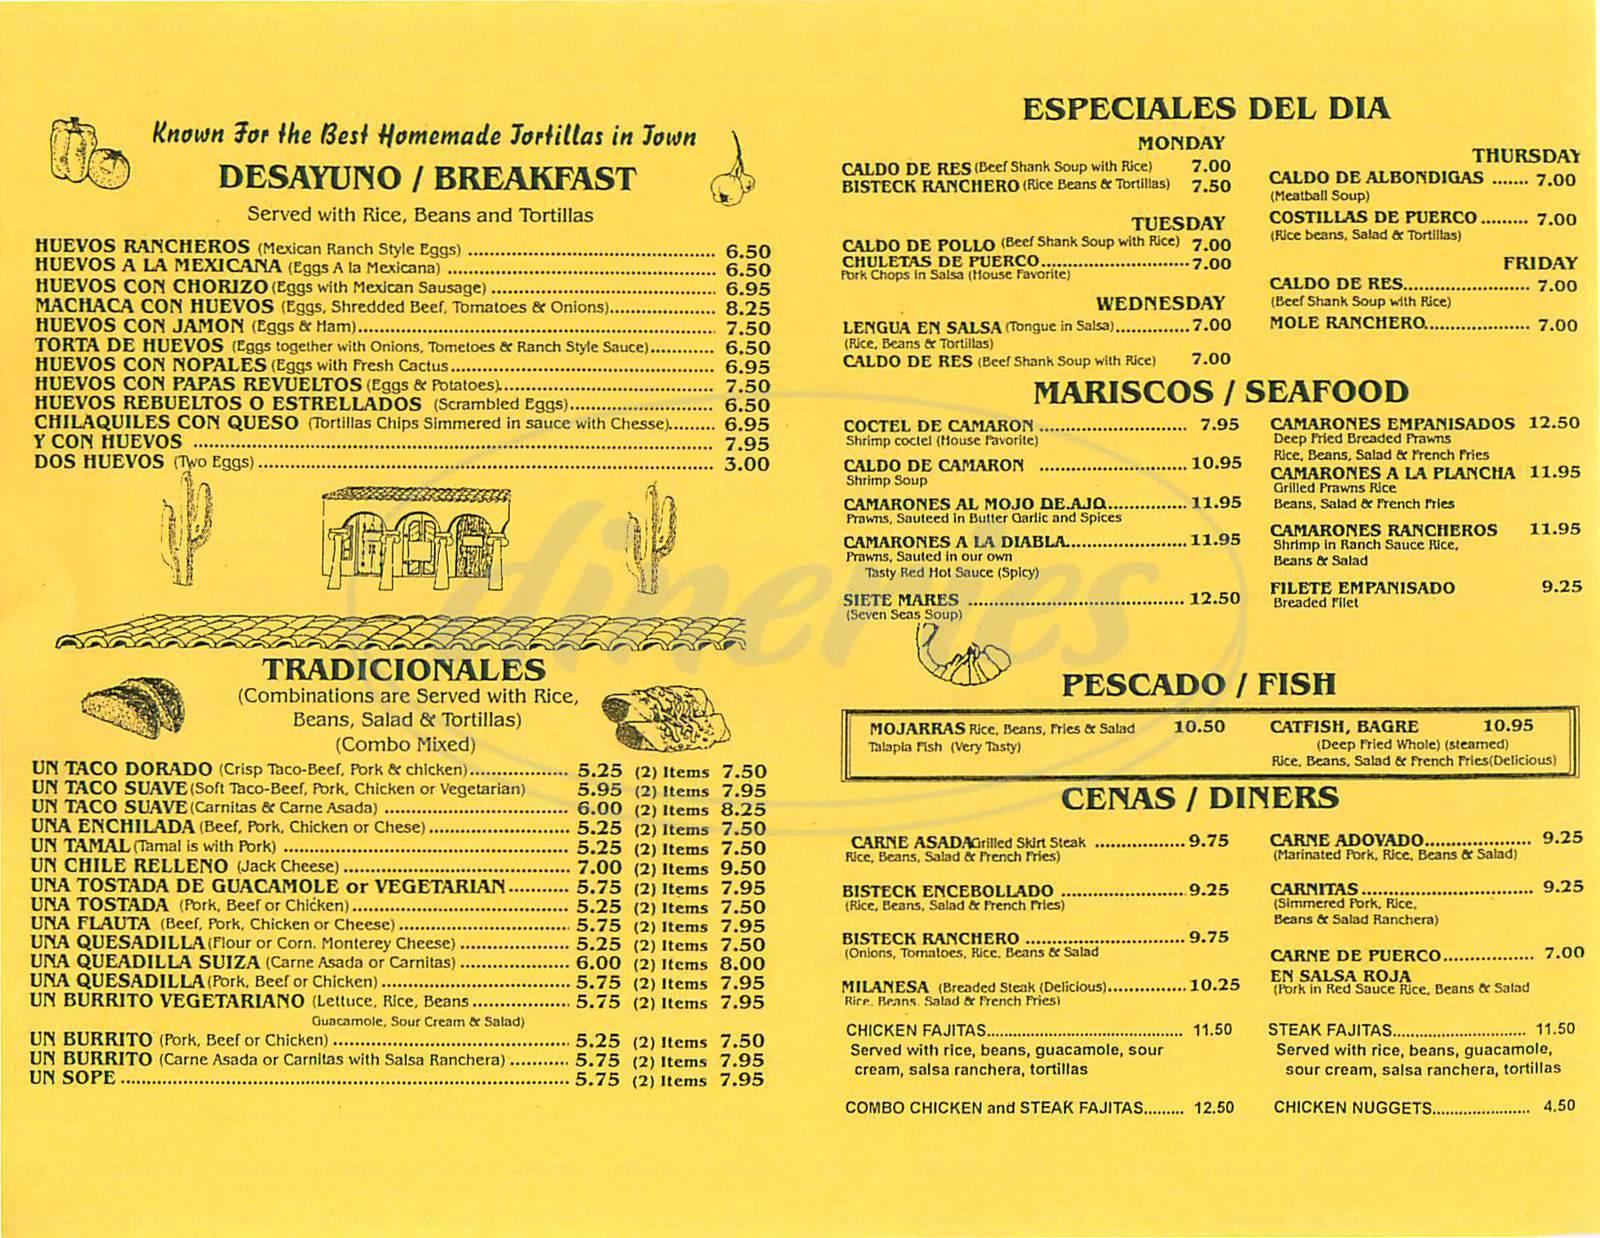 menu for La Perla